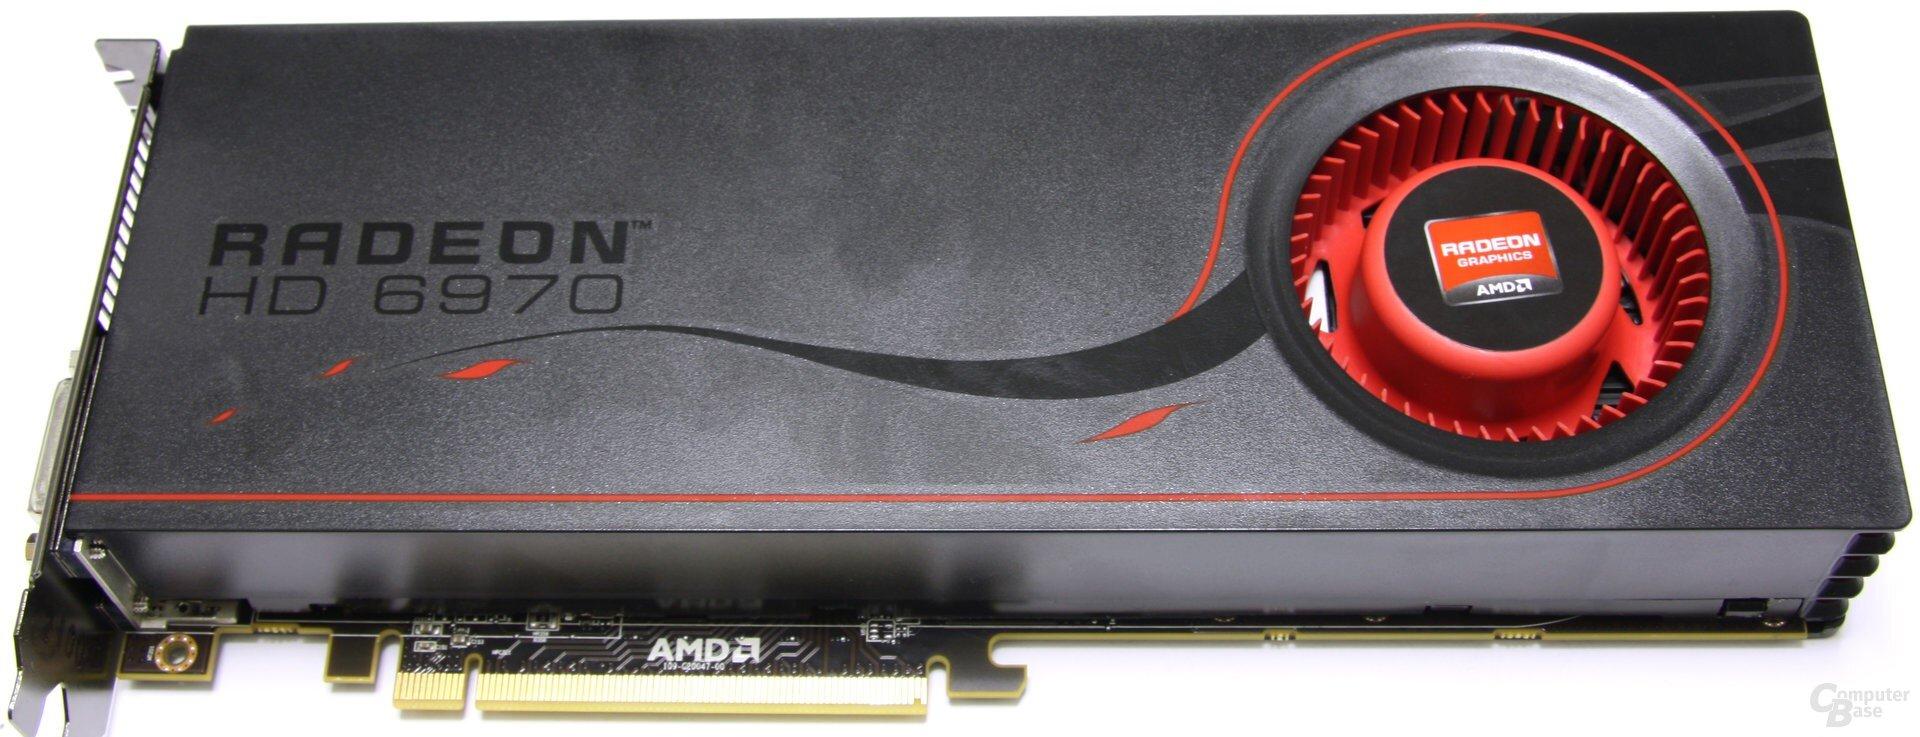 HD 6970: Keine Chance gegen die GTX 580